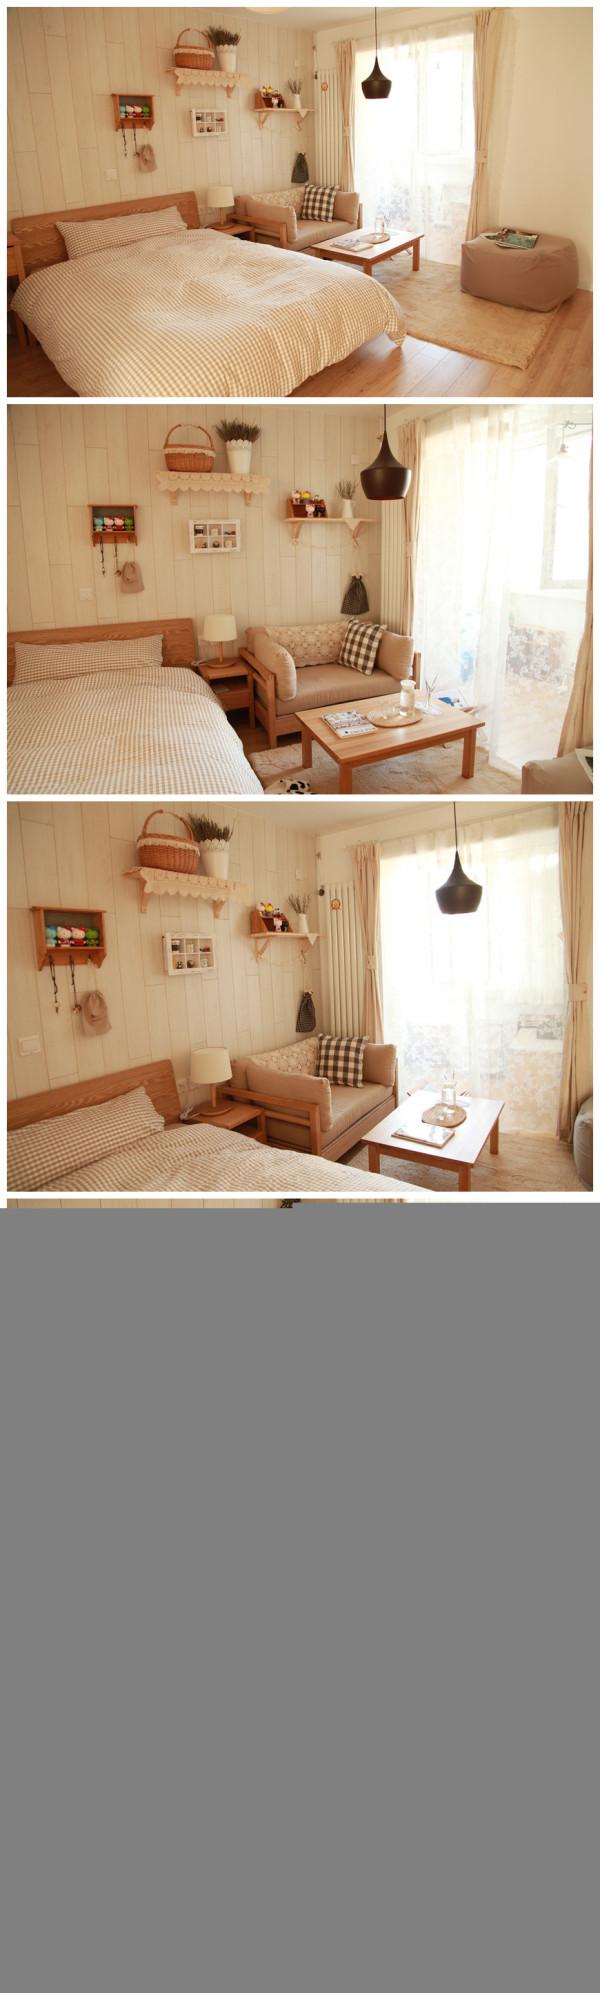 空间小可以把卧室跟客厅布局在一起,会取到不错的效果~